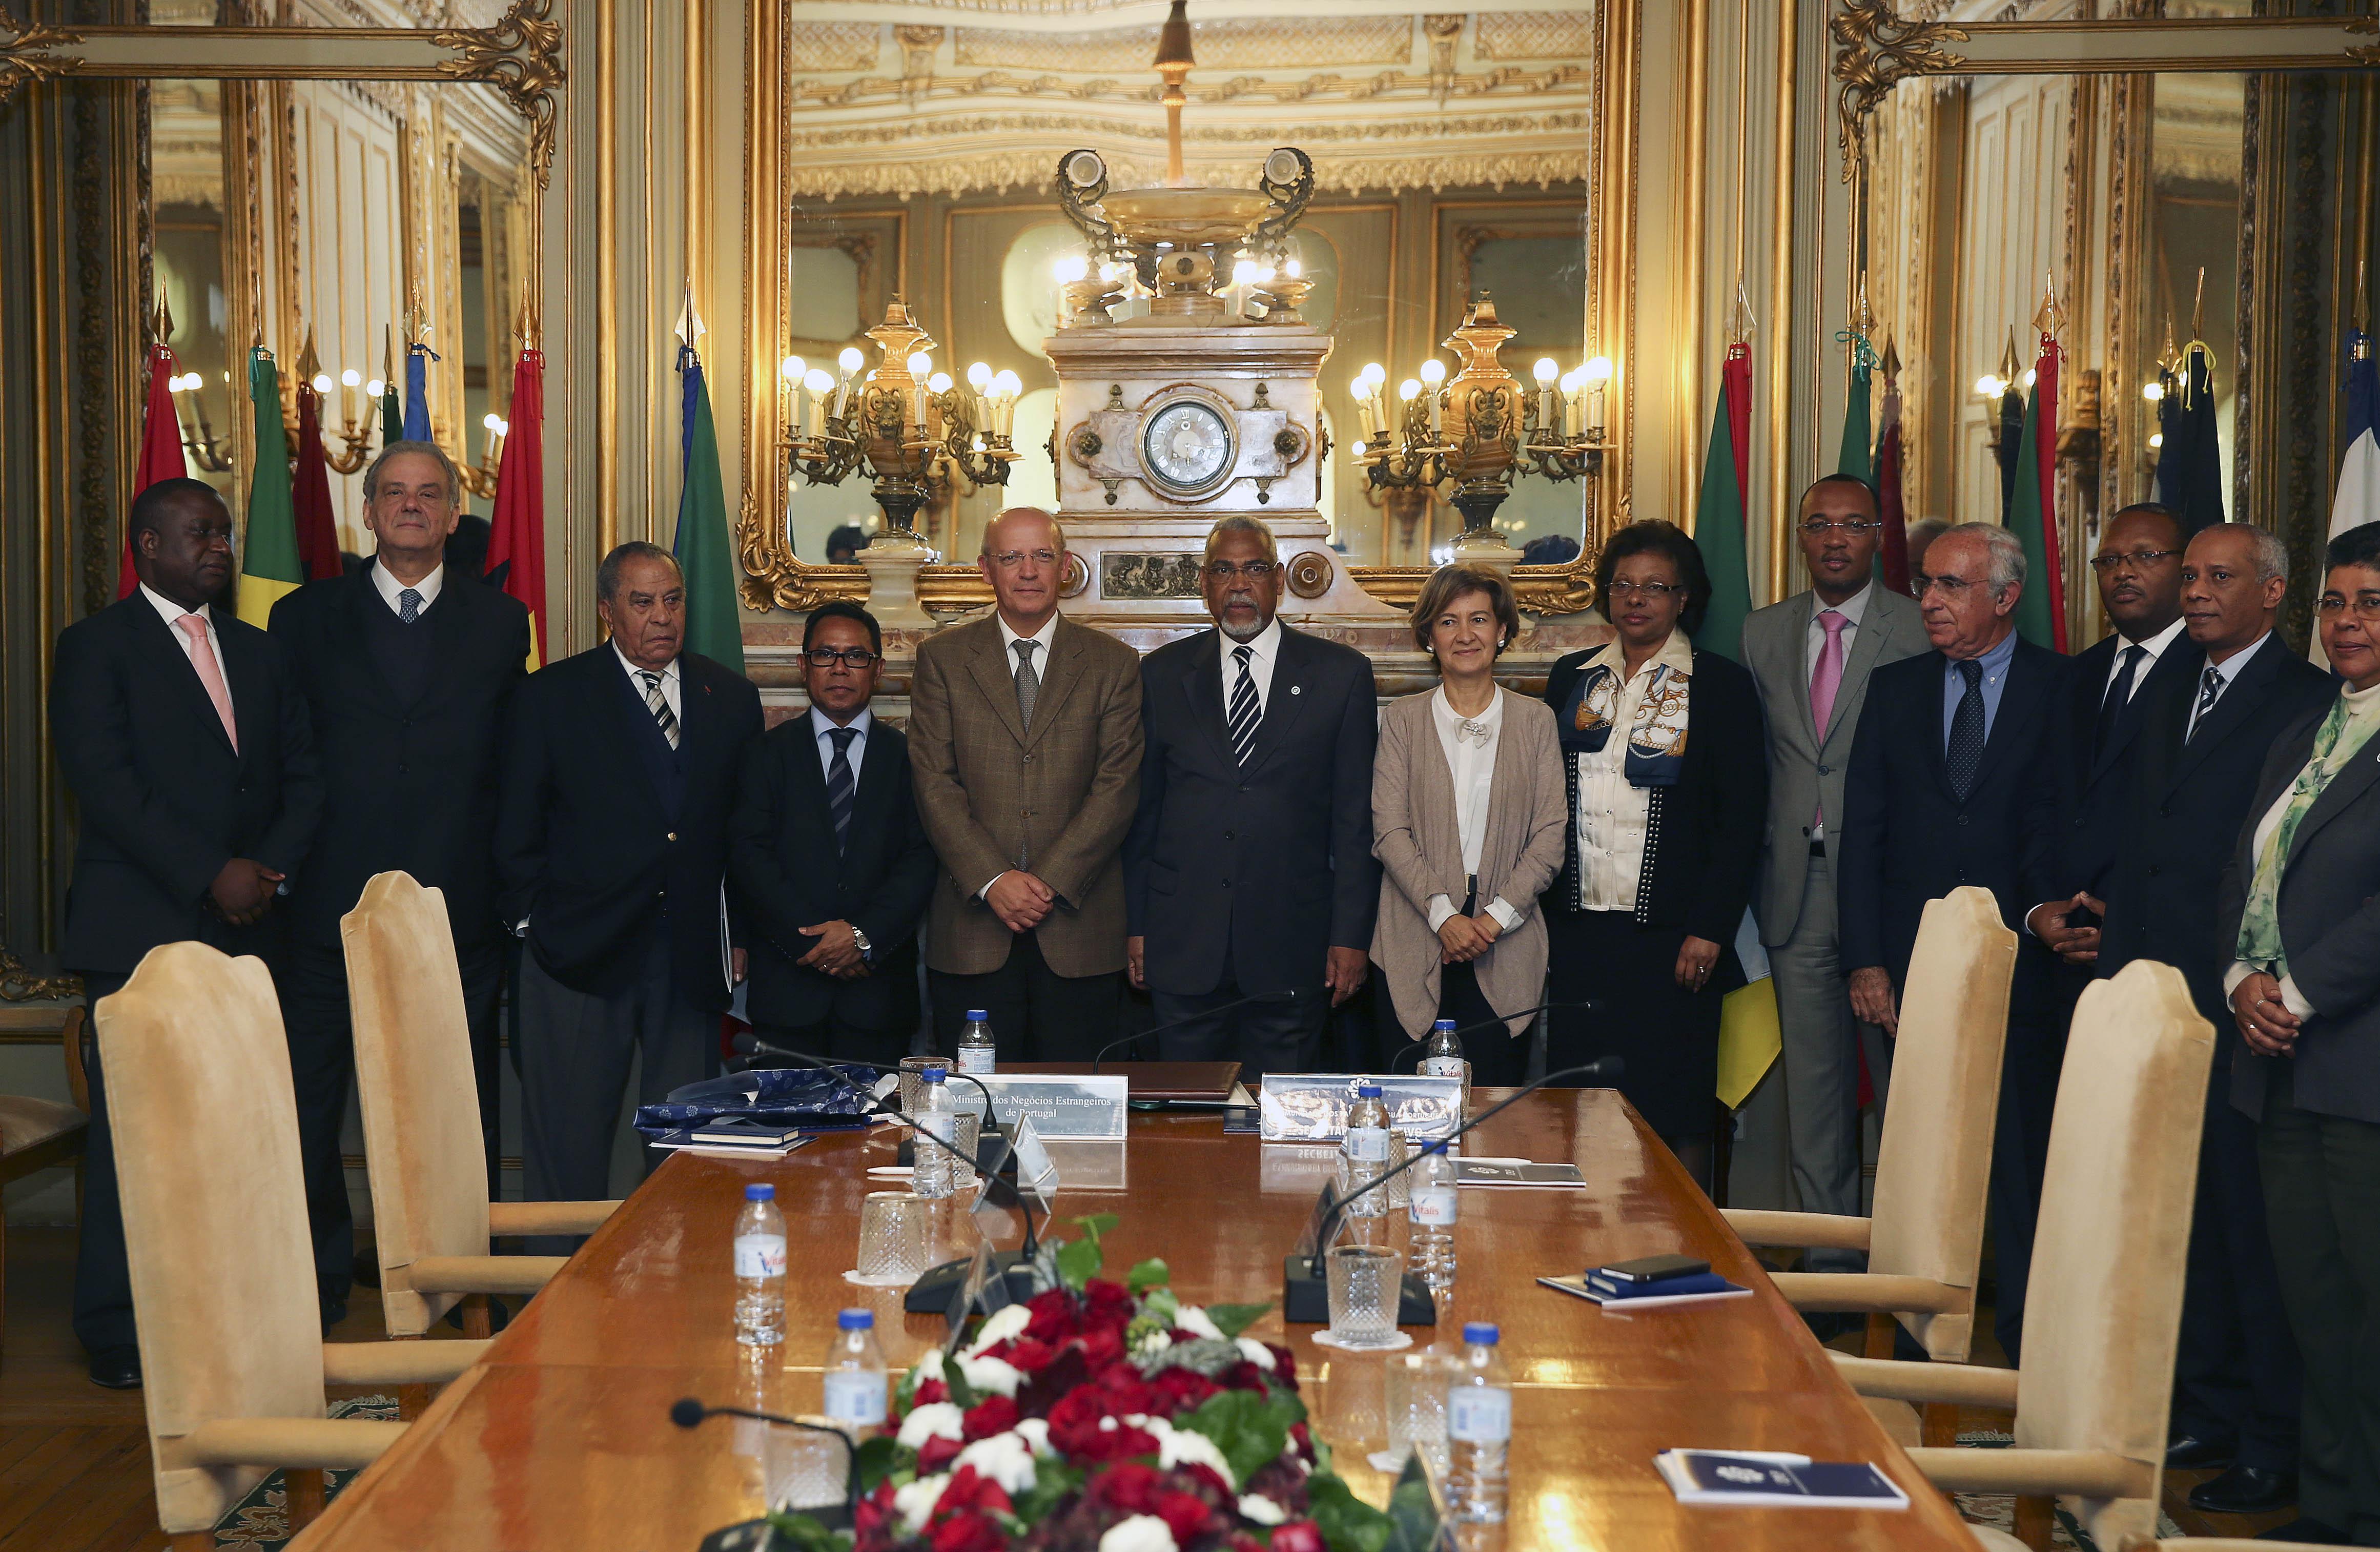 O ministro dos Negócios Estrangeiros de Portugal, Augusto Santos Silva, acompanhado pelo secretário Executivo, embaixador Murade Murargy e pelos embaixadores da CPLP durante uma visita à sede da CPLP, 07 de dezembro de 2015, em Lisboa. INÁCIO ROSA/LUSA